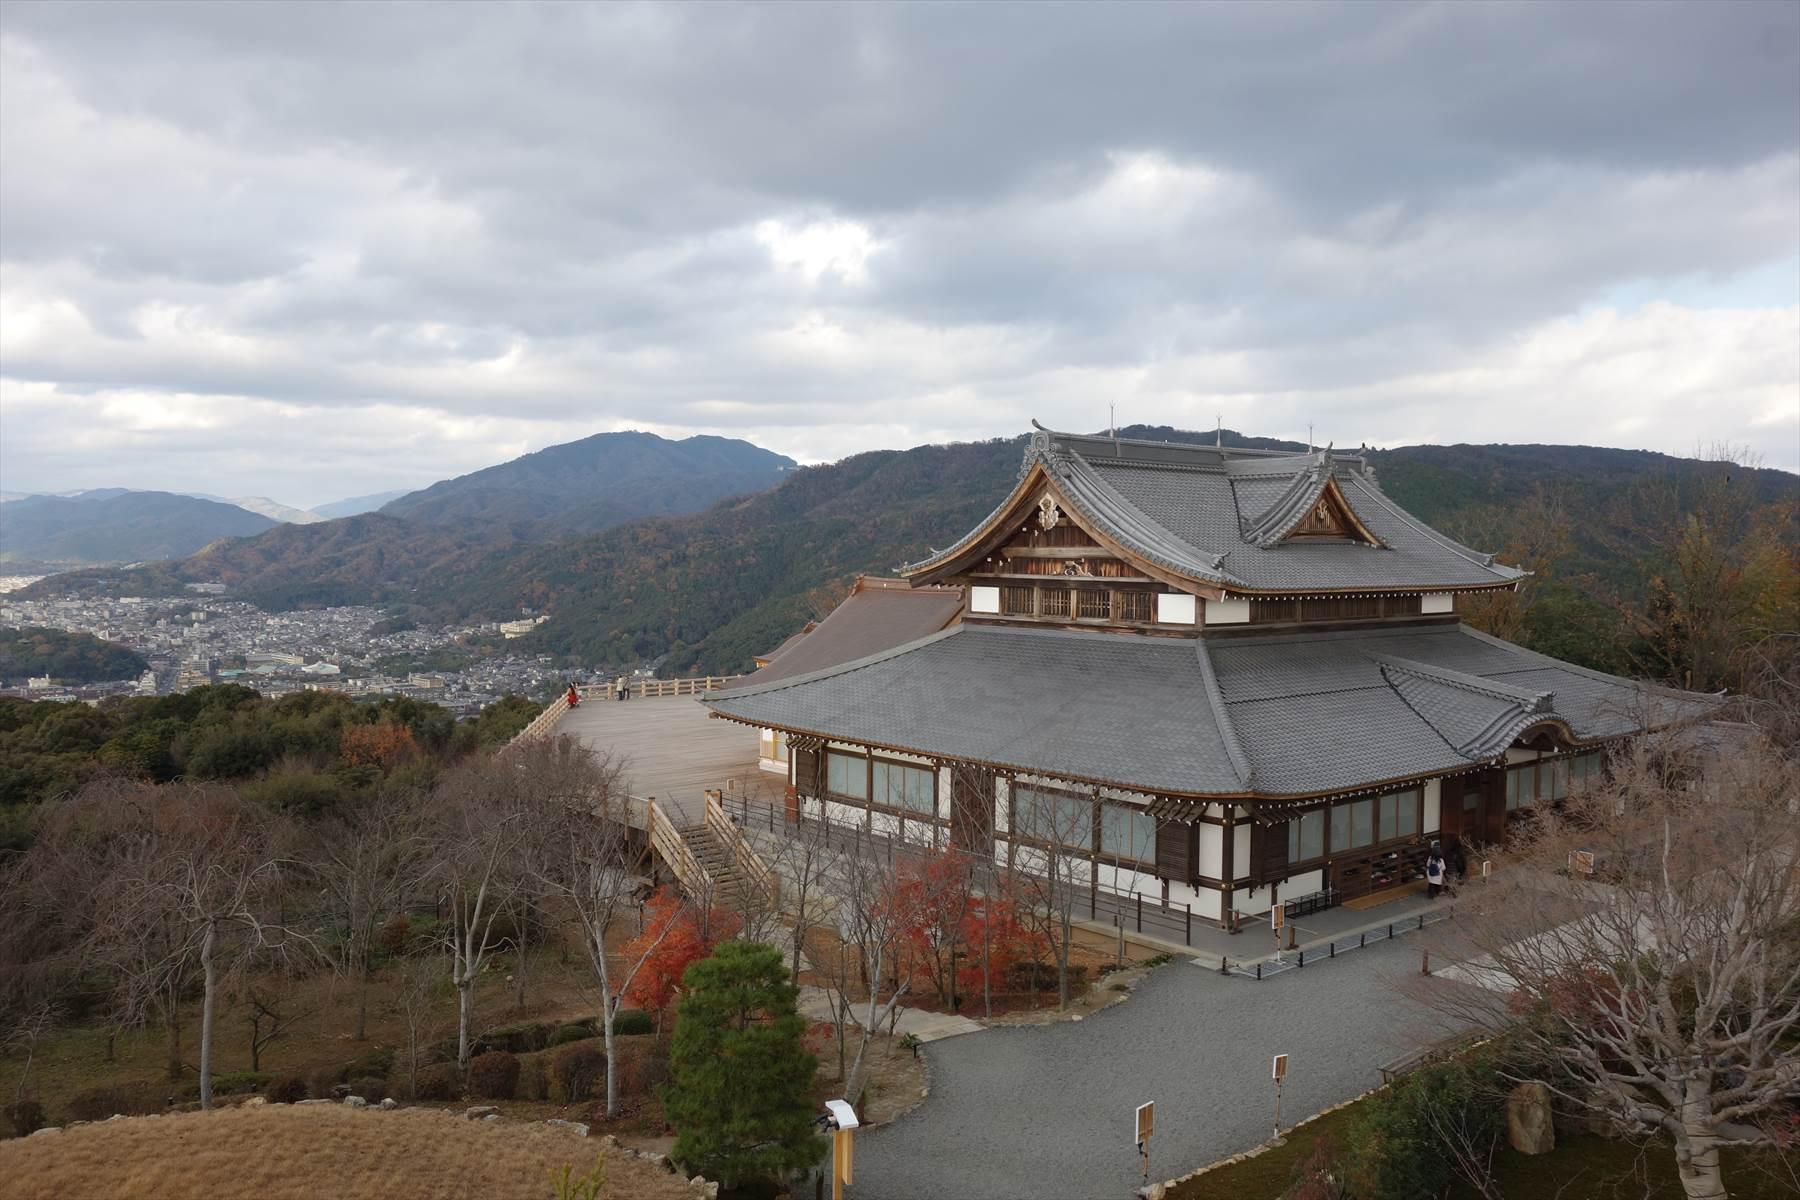 「将軍塚青蓮殿」の画像検索結果